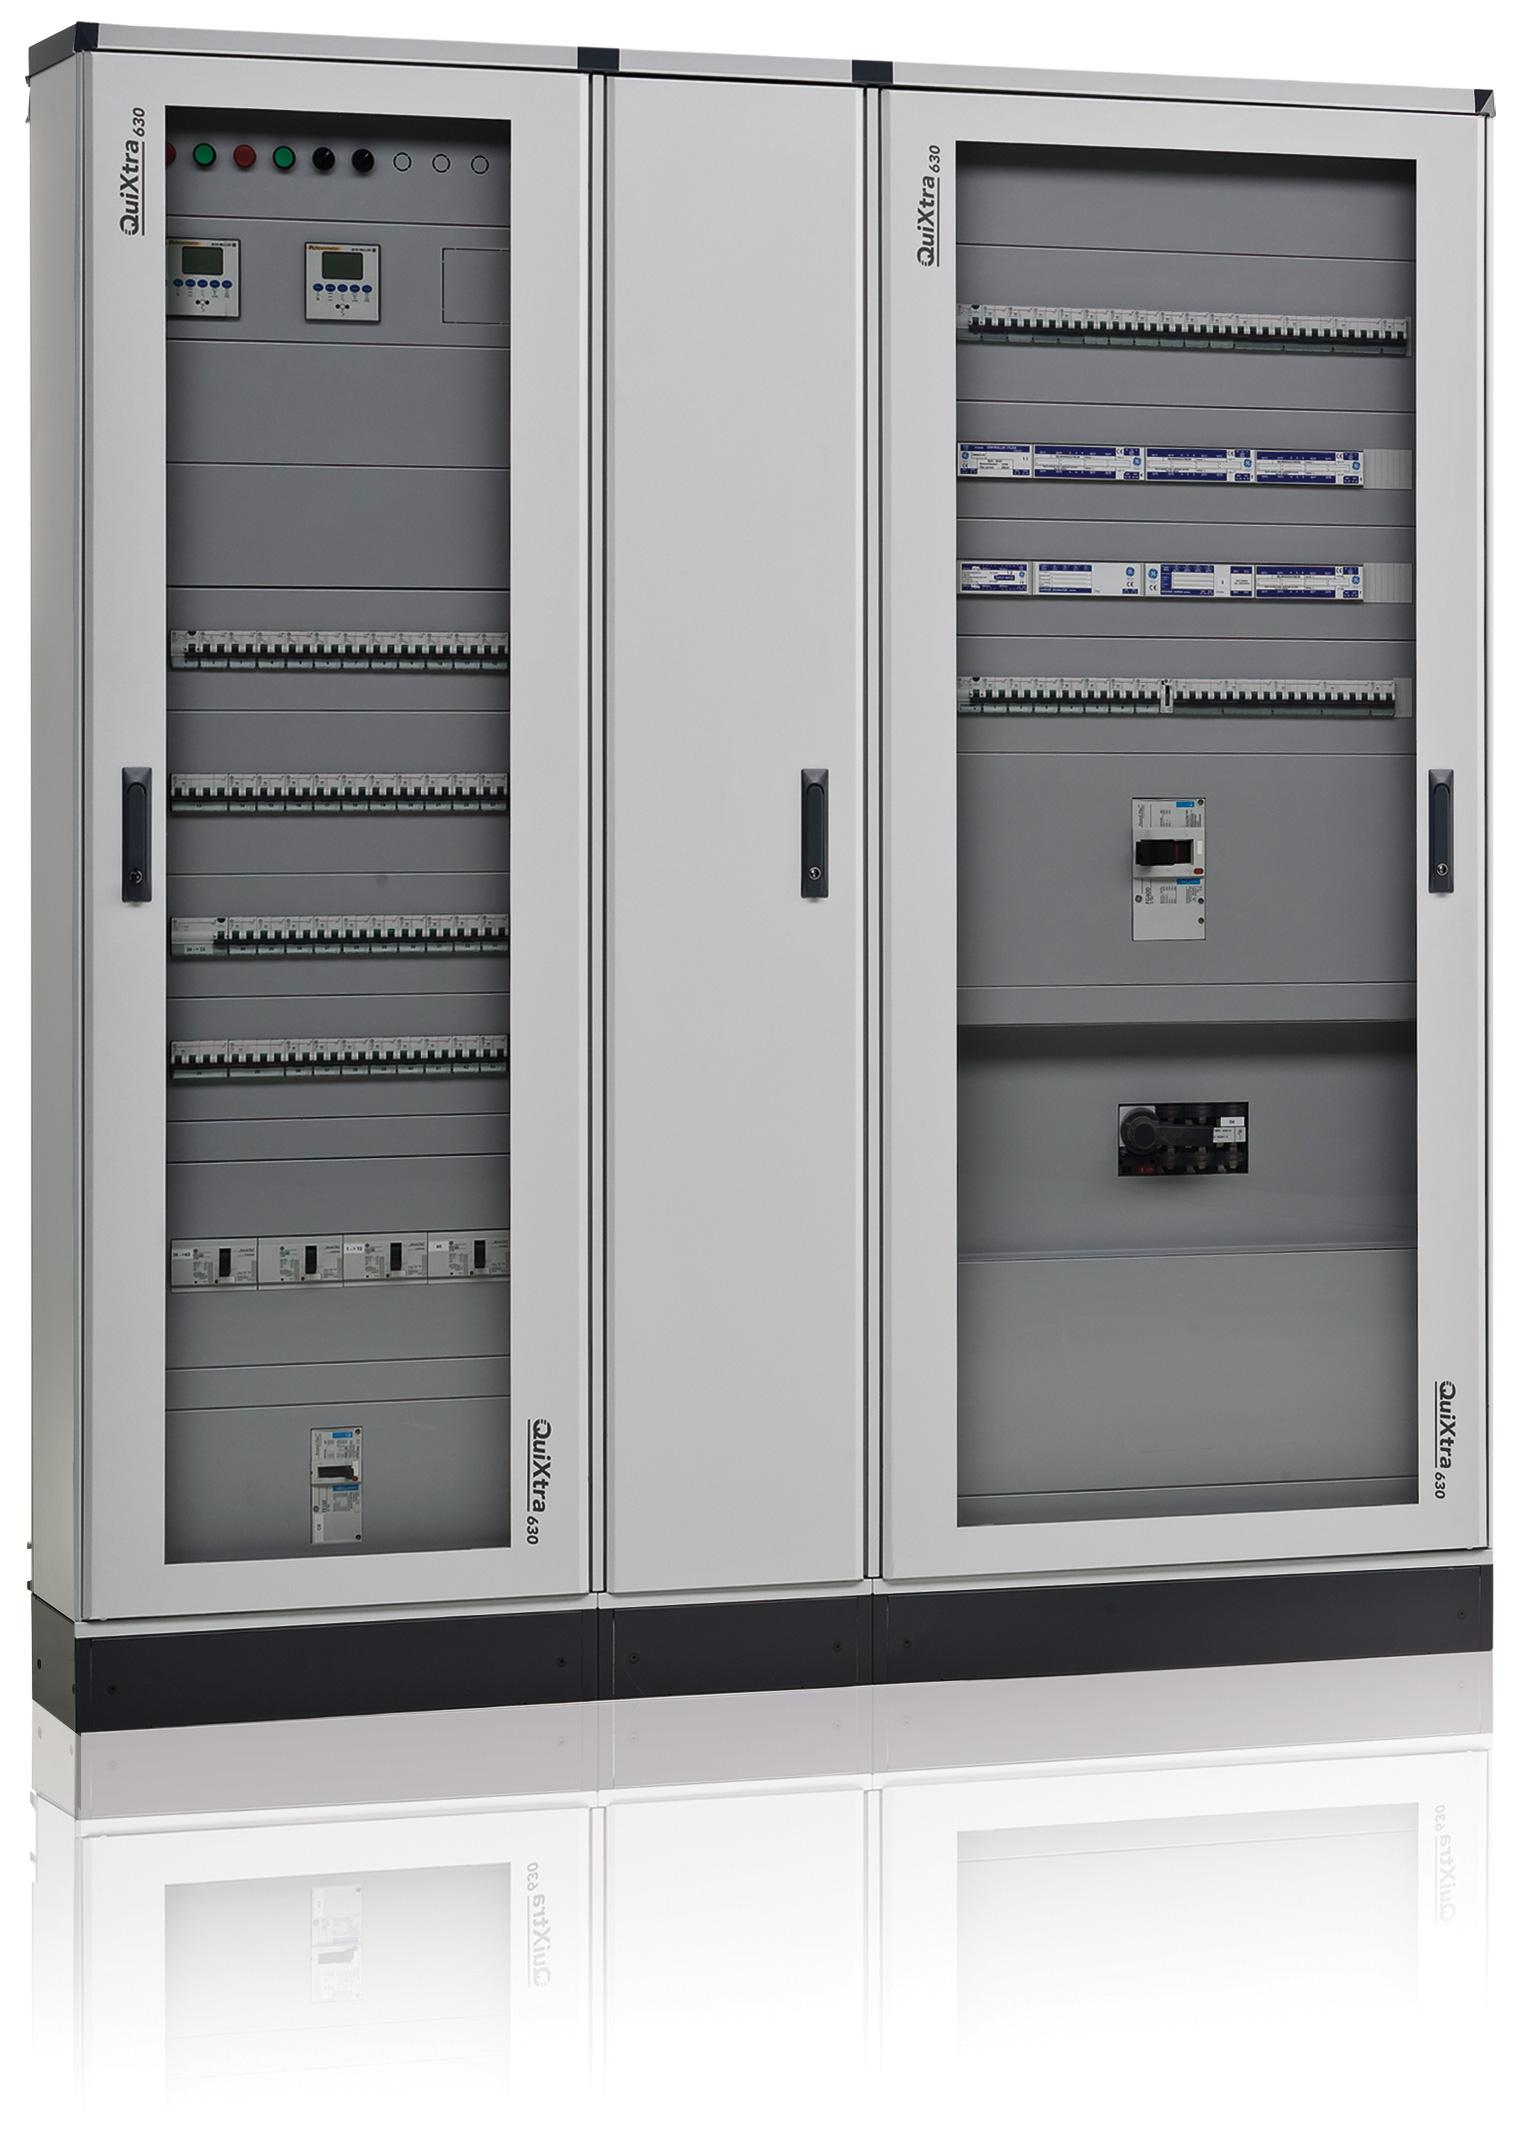 TGBT Quixtra 630